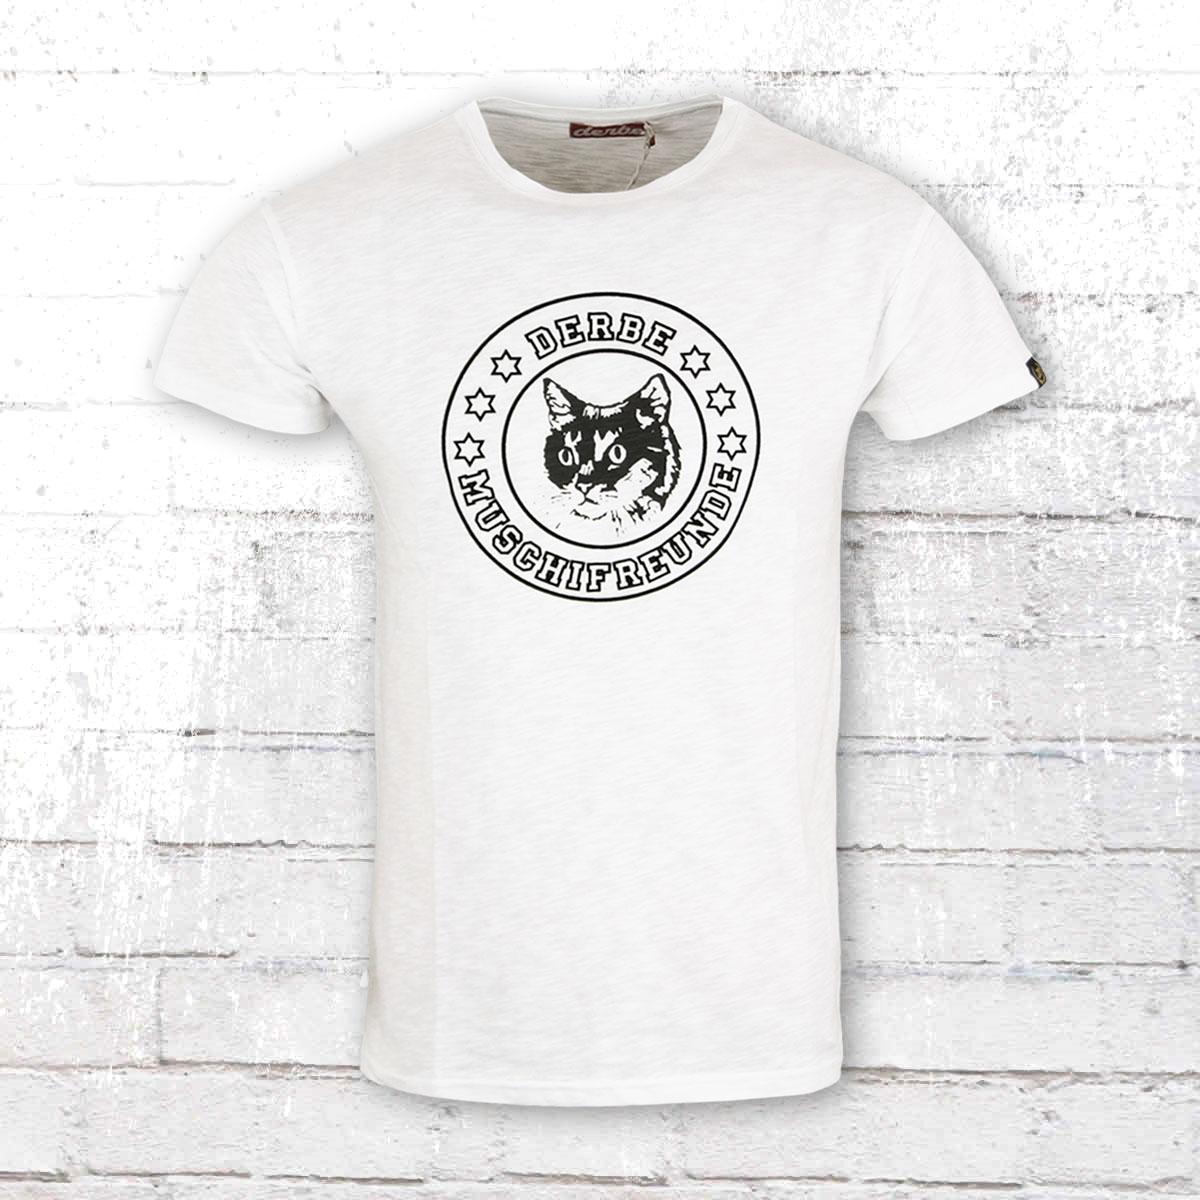 Derbe Hamburg Herren T-Shirt Muschifreunde weiss